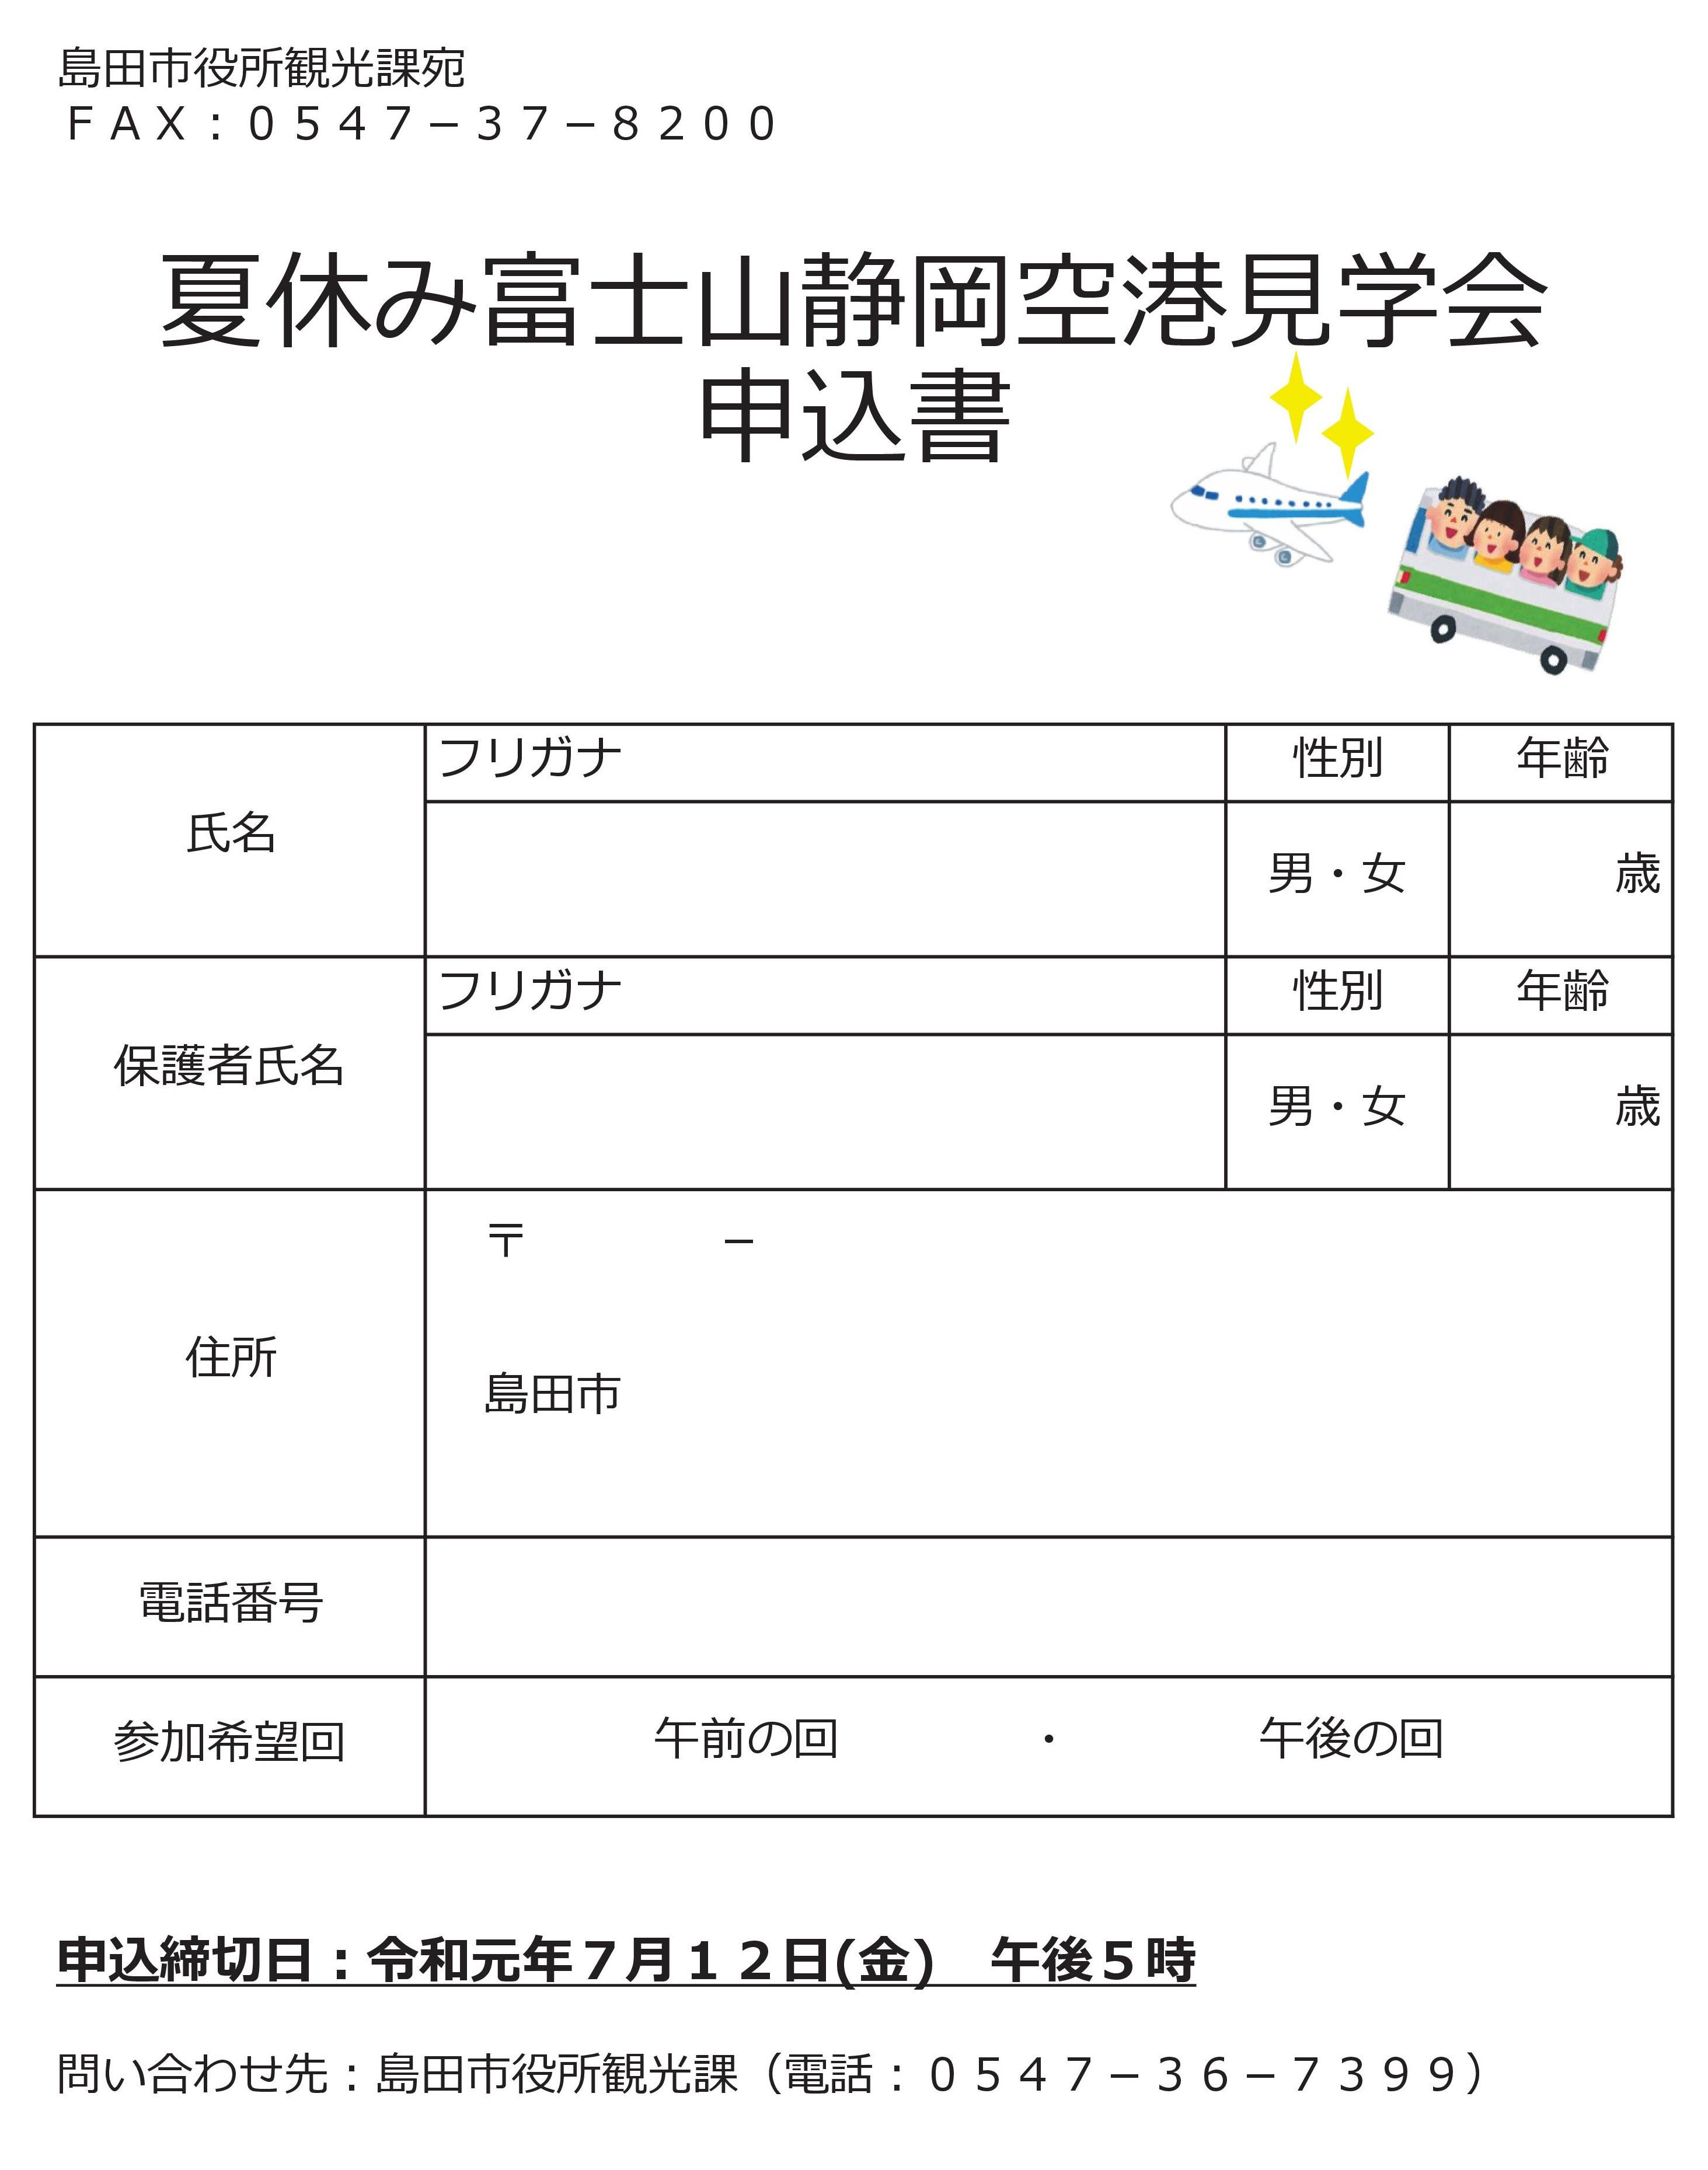 夏休み空港見学会チラシ-02